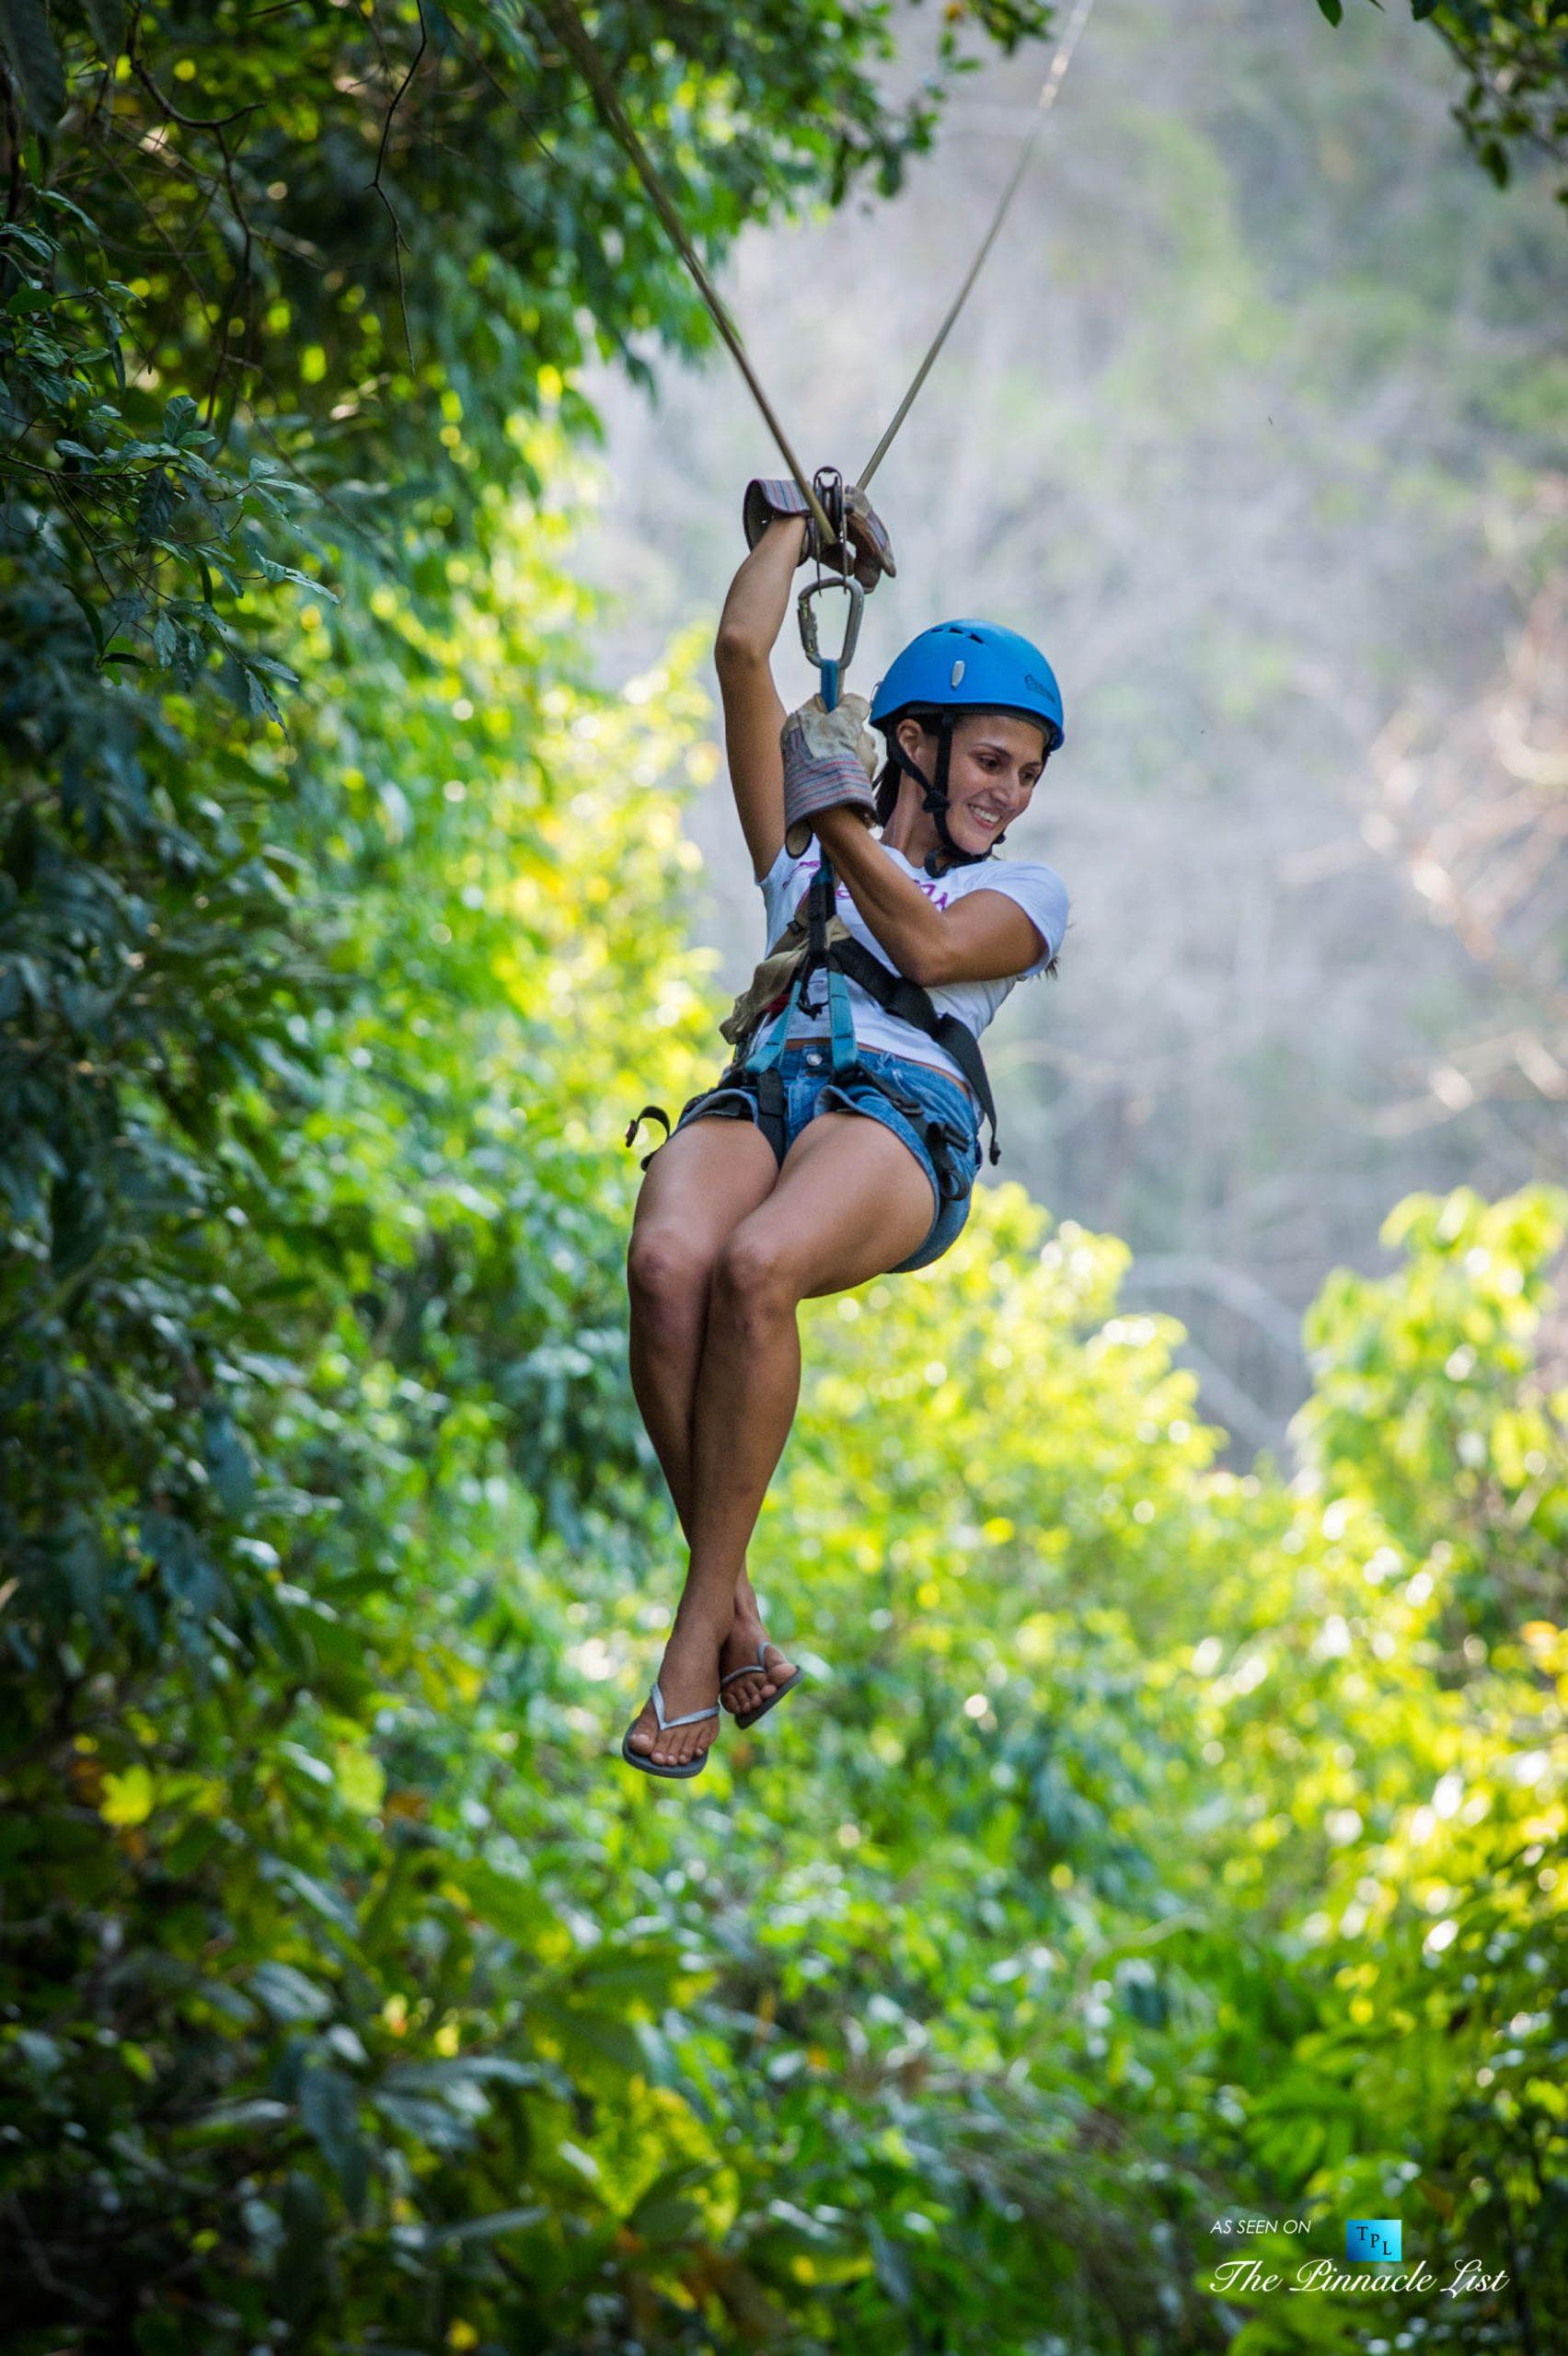 Tambor Tropical Beach Resort – Tambor, Puntarenas, Costa Rica – Tropical Zipline